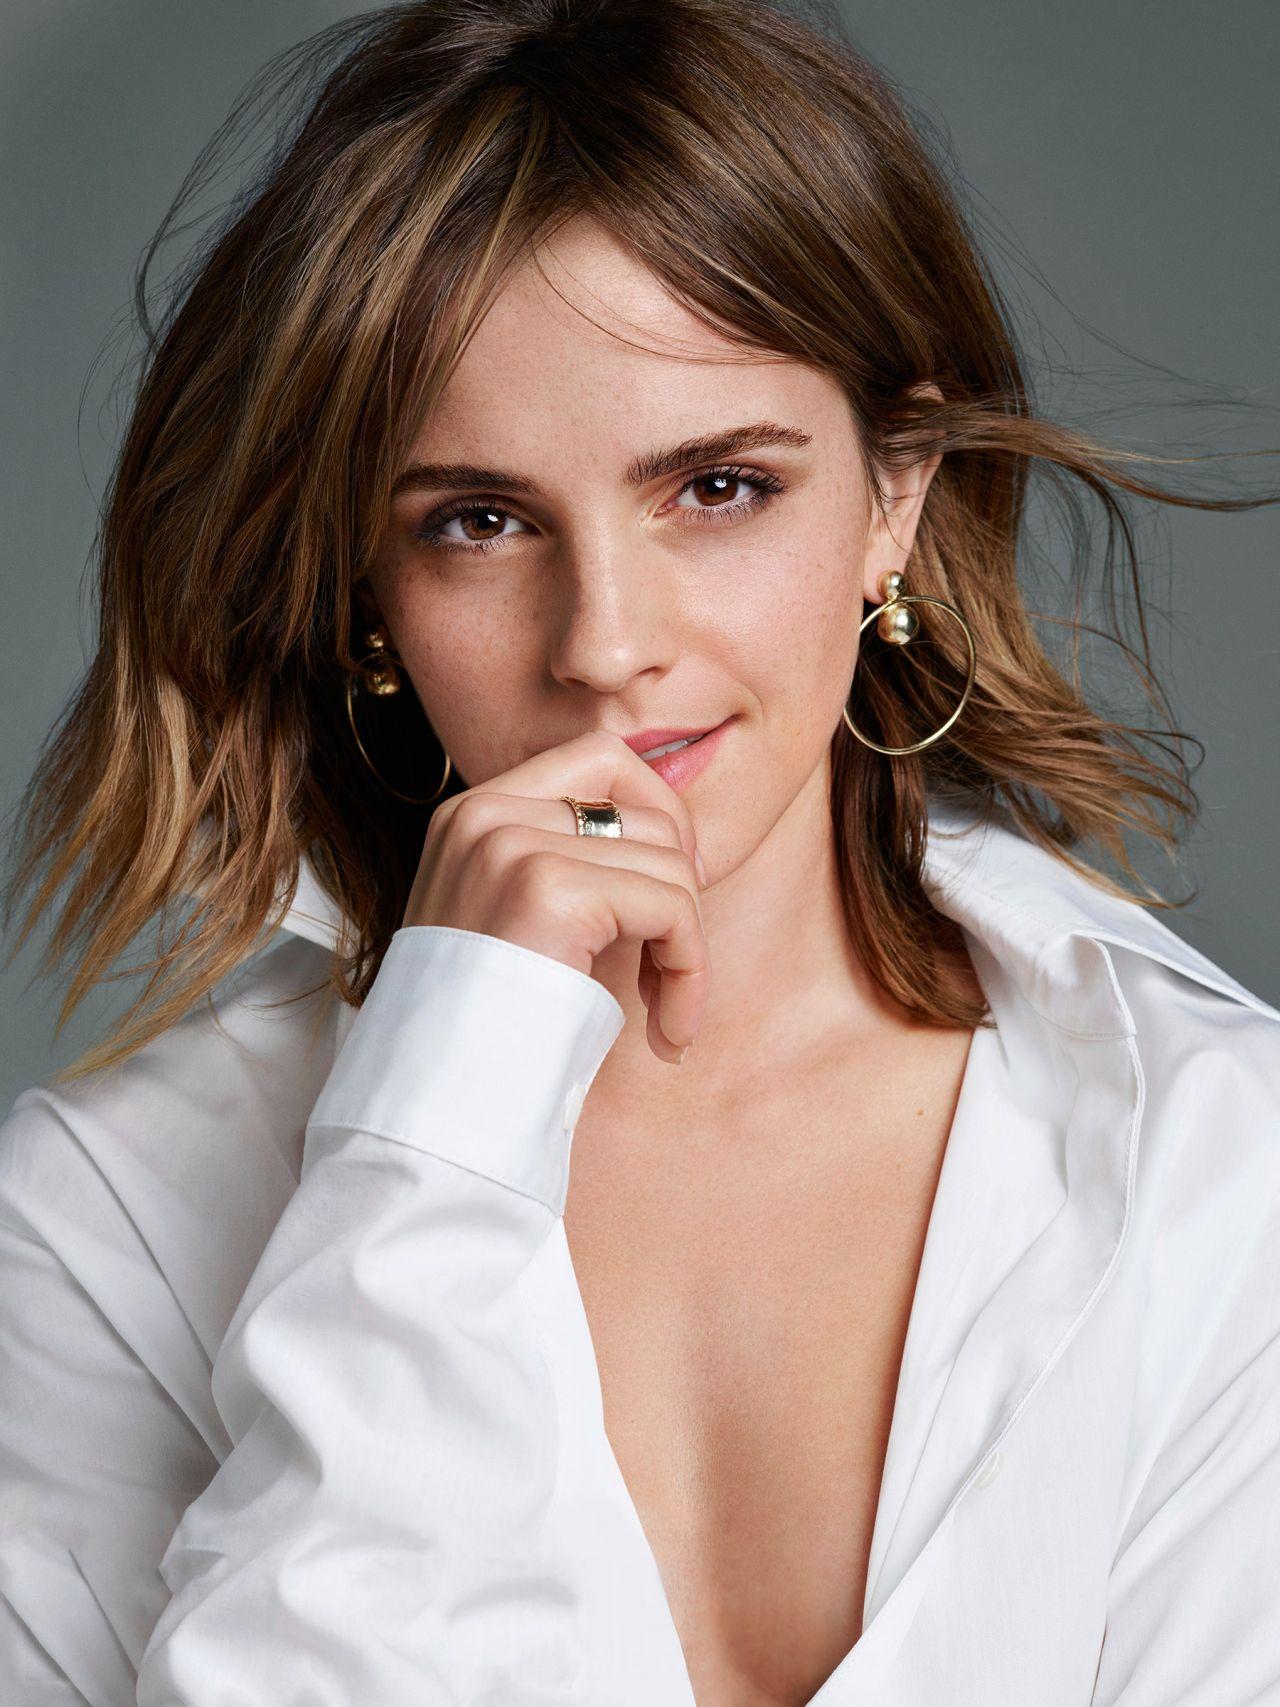 Emma wattson porn